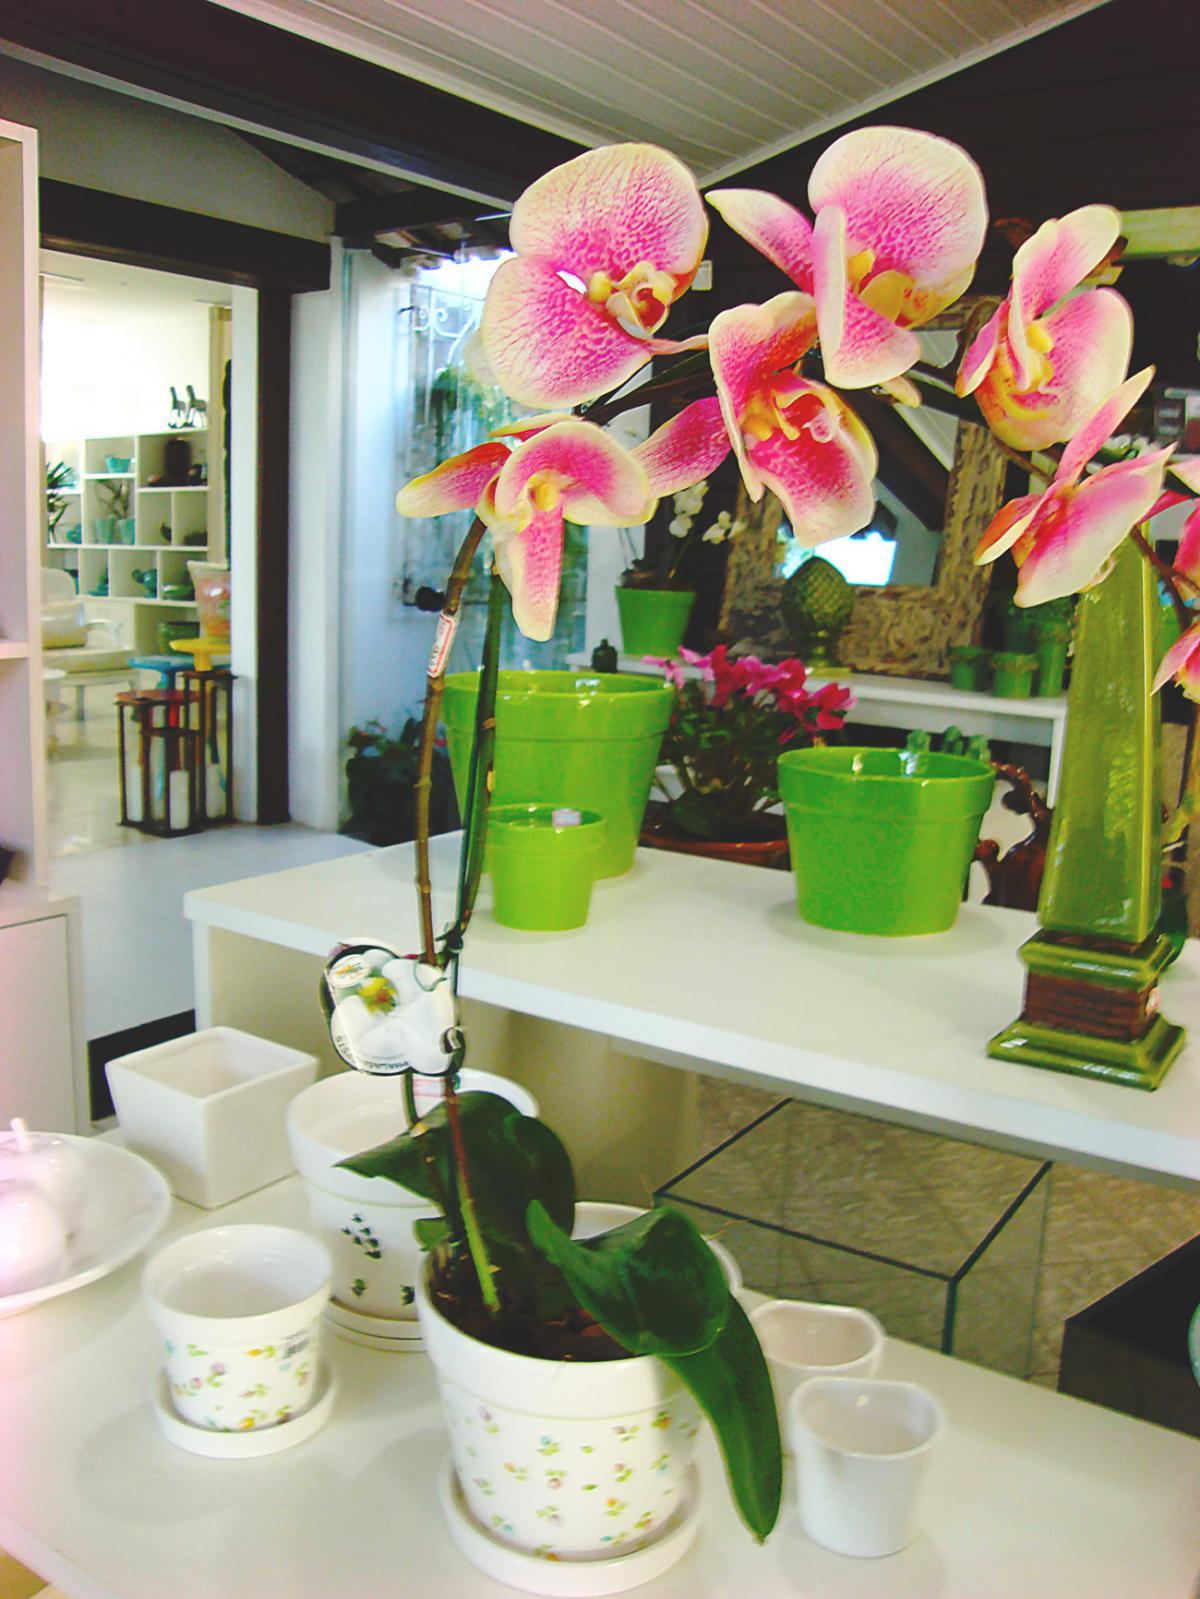 Sua casa mais alegre e bonita com flores em vasos